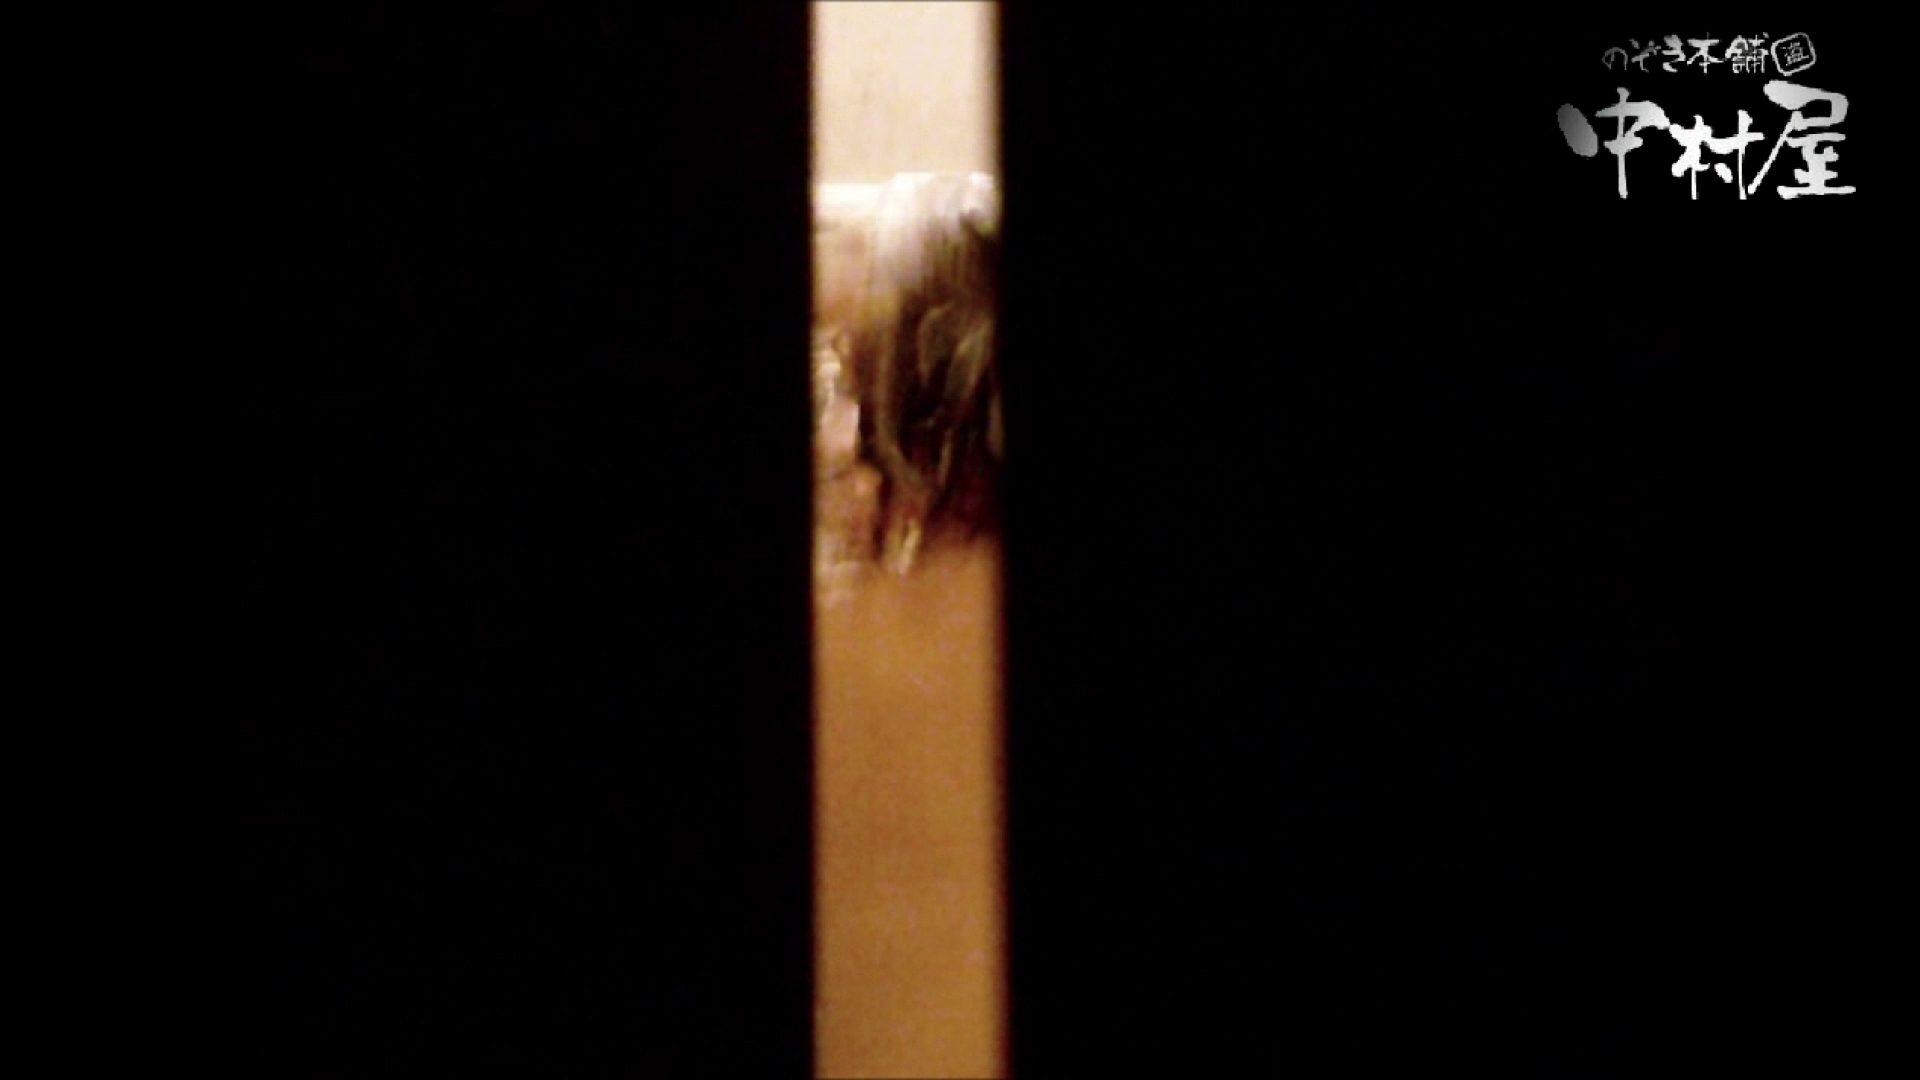 雅さんの独断と偏見で集めた動画集 民家Vol.4 ギャルのエロ動画 SEX無修正画像 111PIX 35